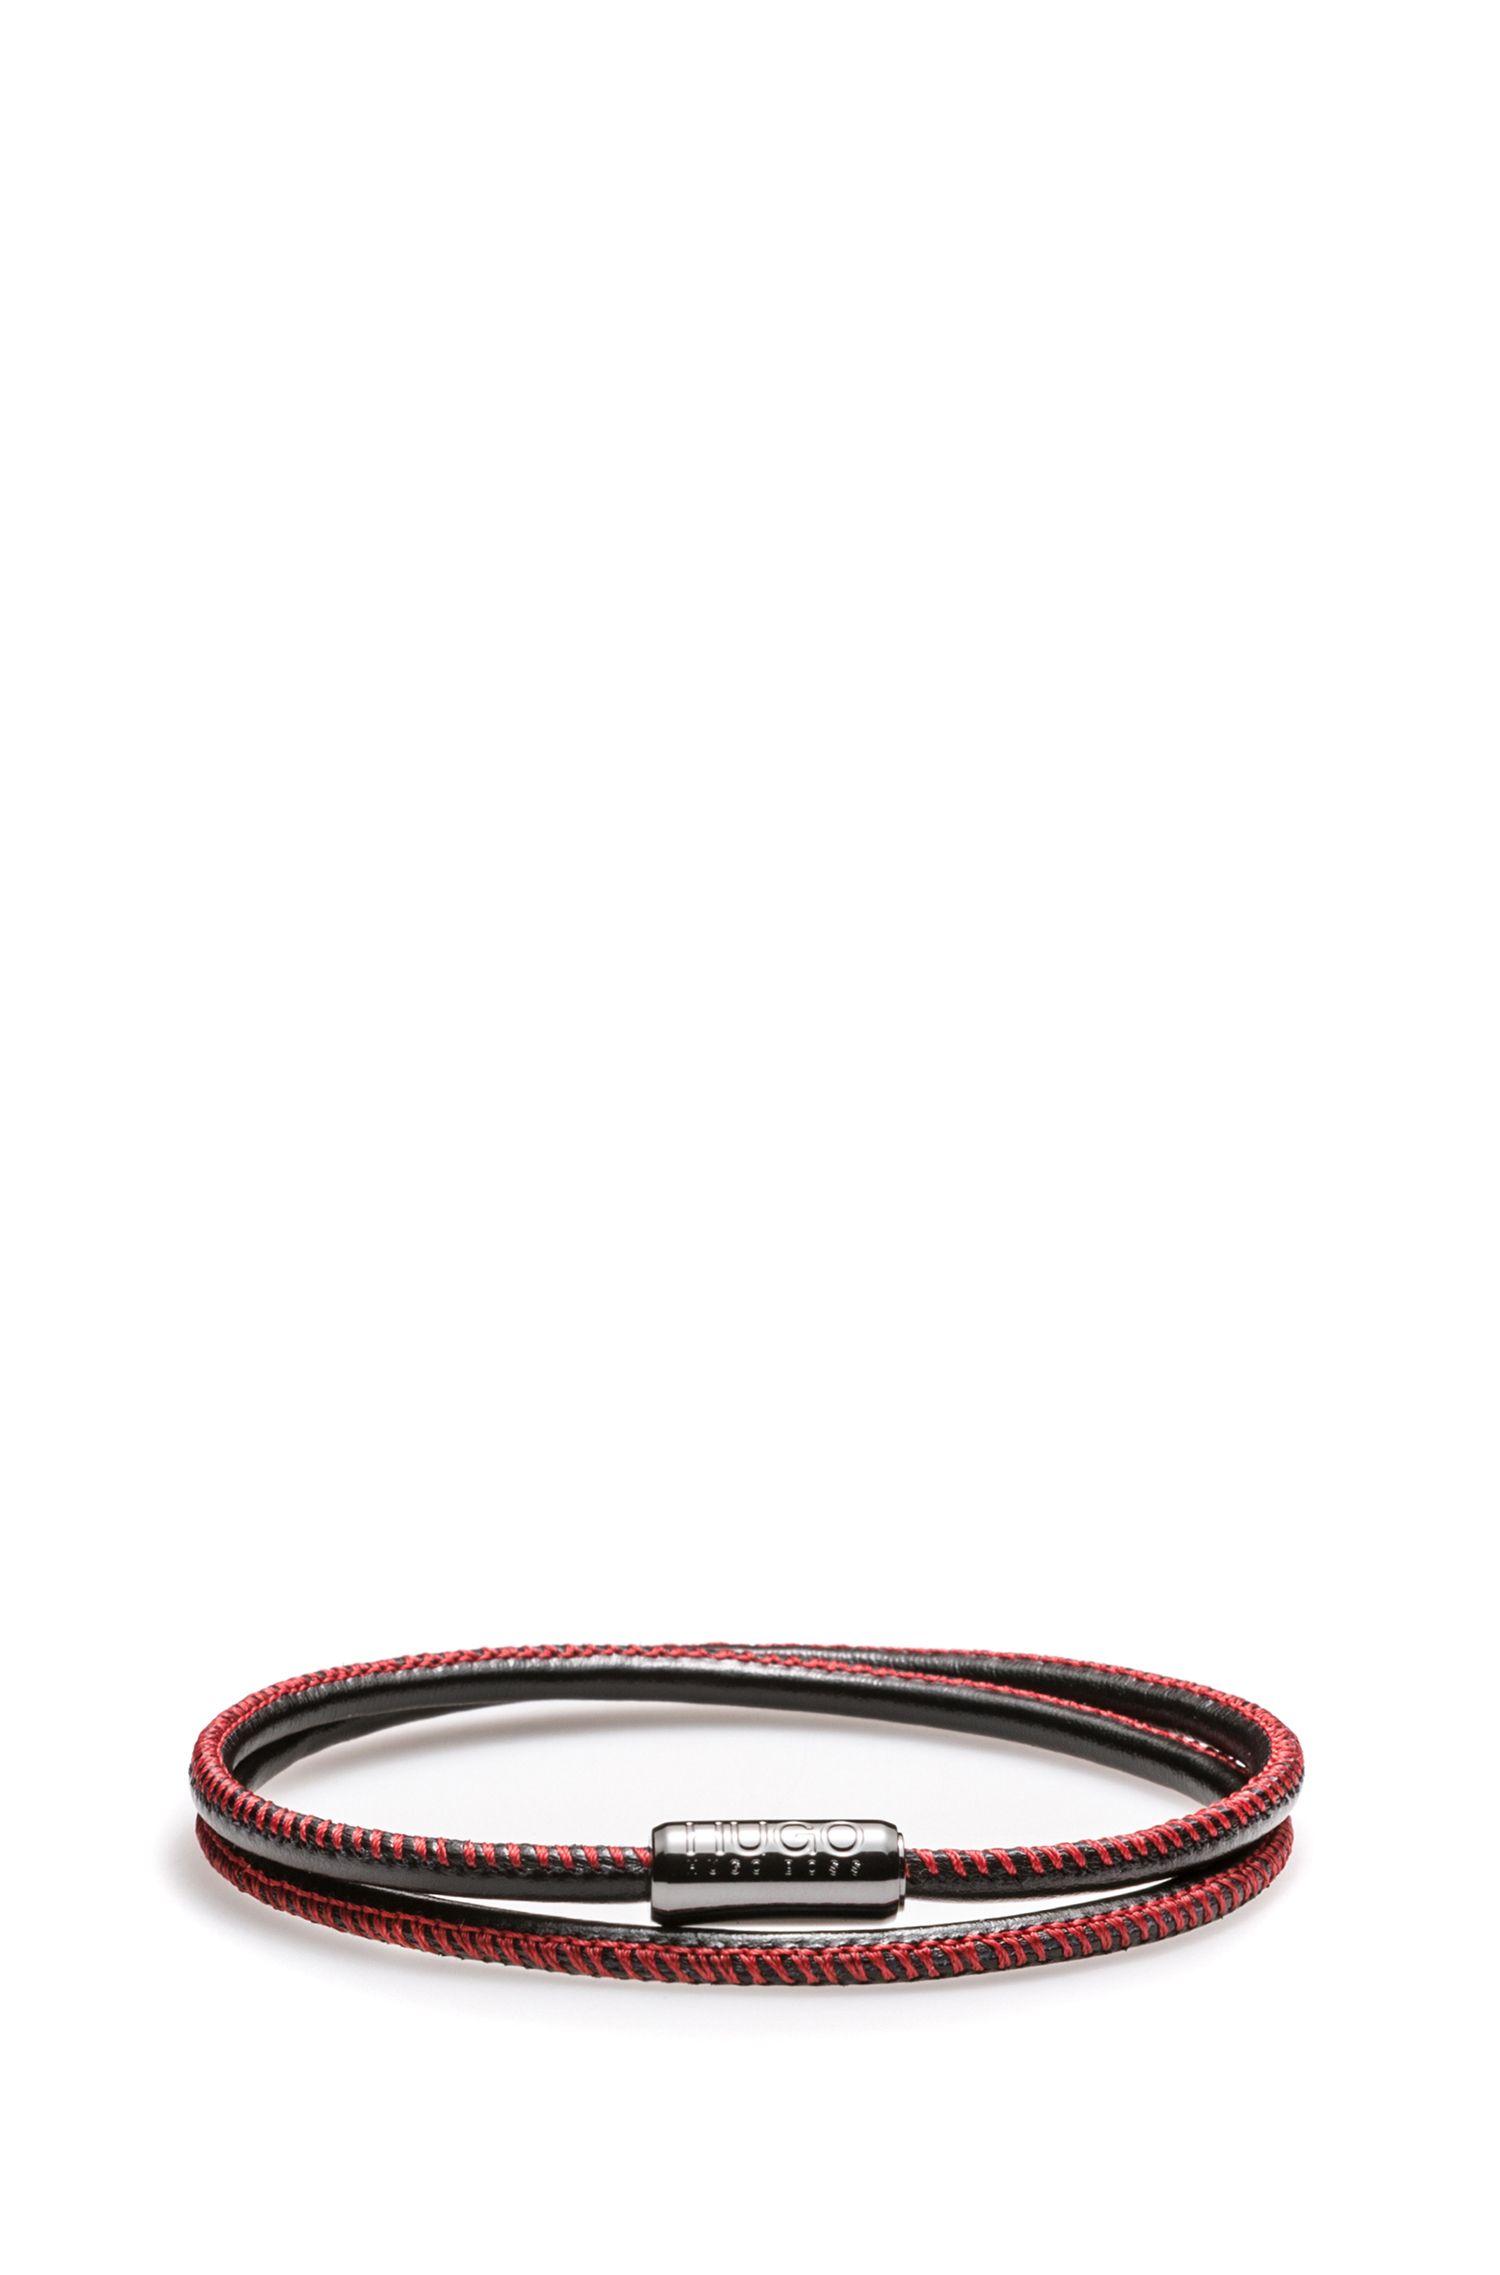 Bracelet en cuir de veau italien avec fermoir magnétique